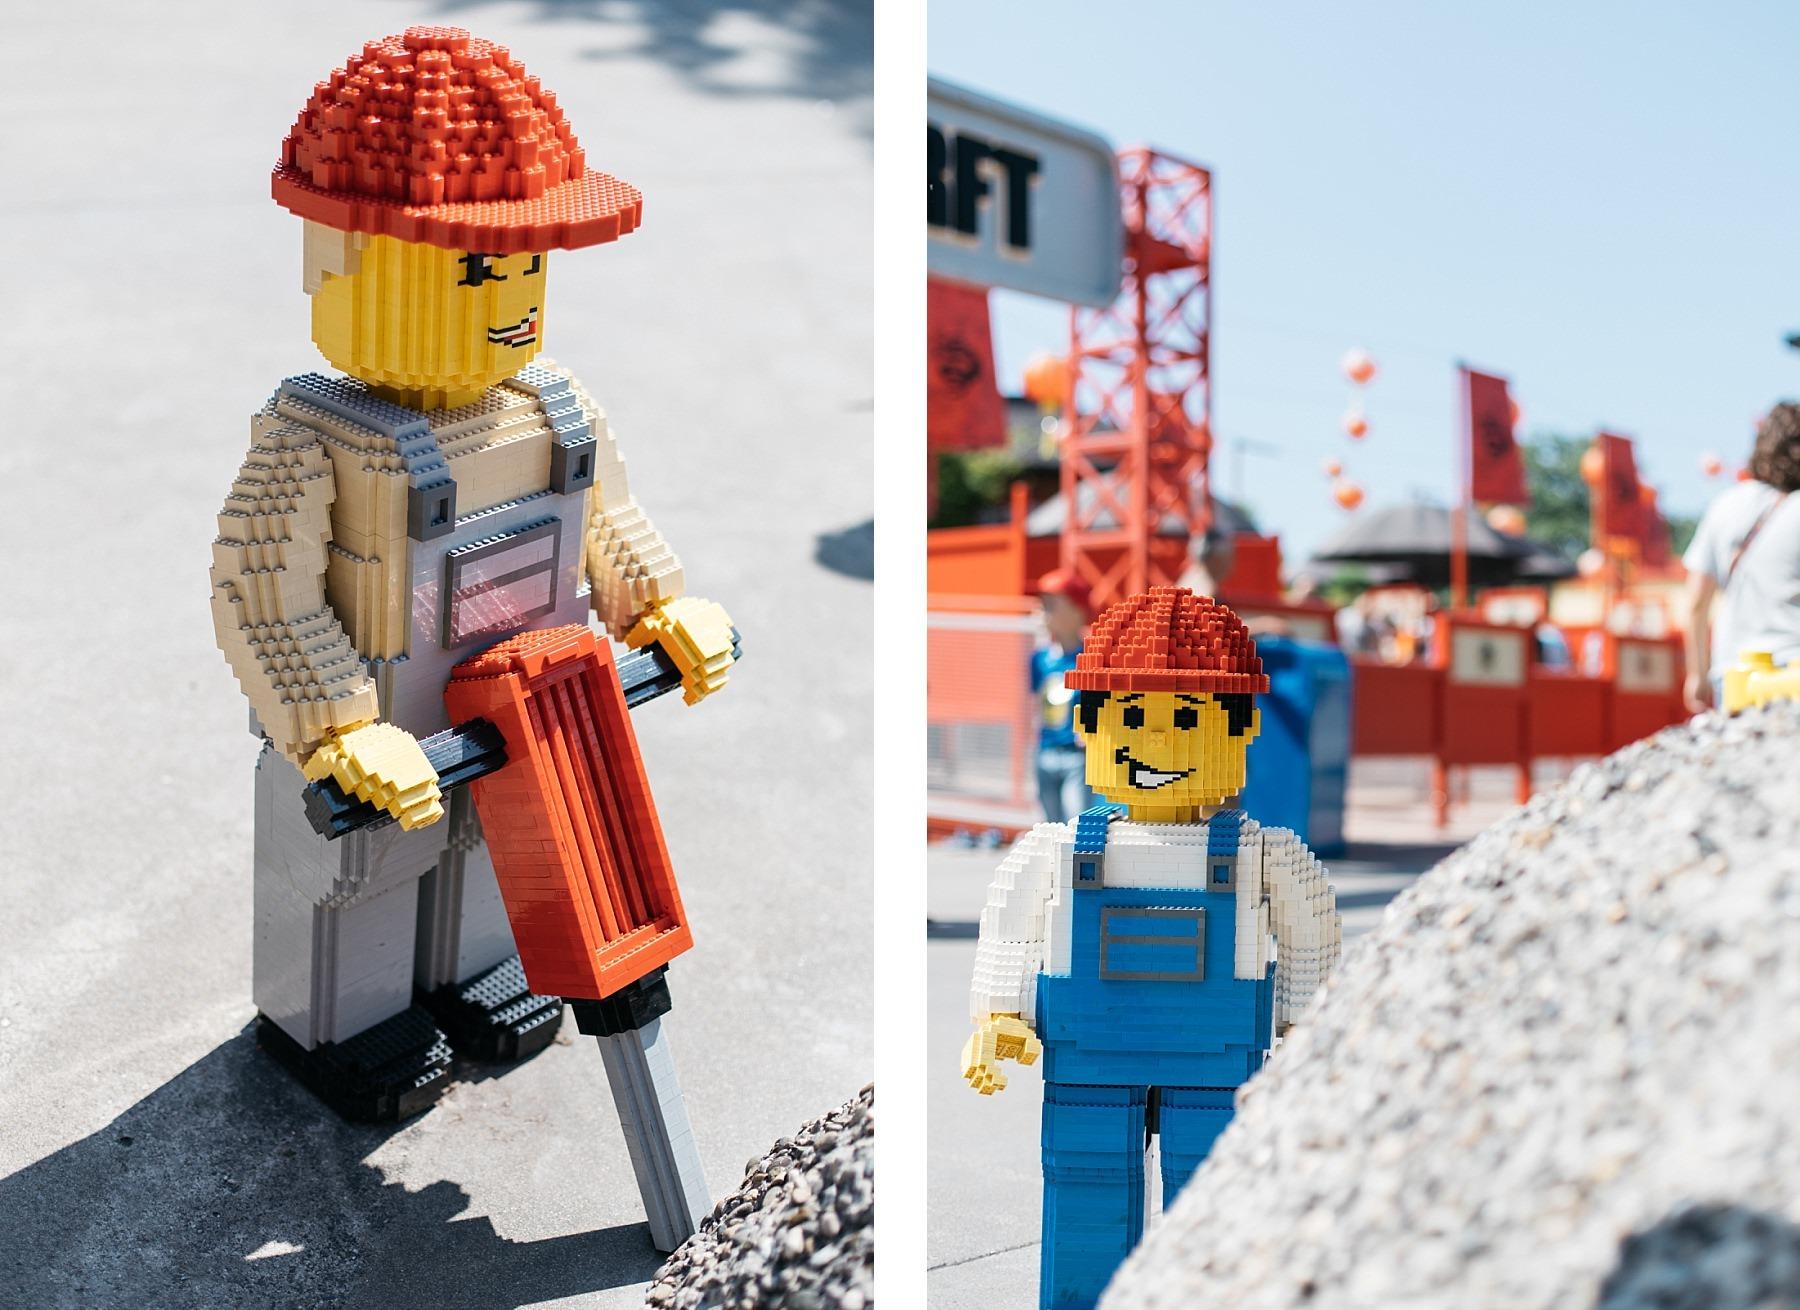 Legoland - 57 millions de briques Lego 17